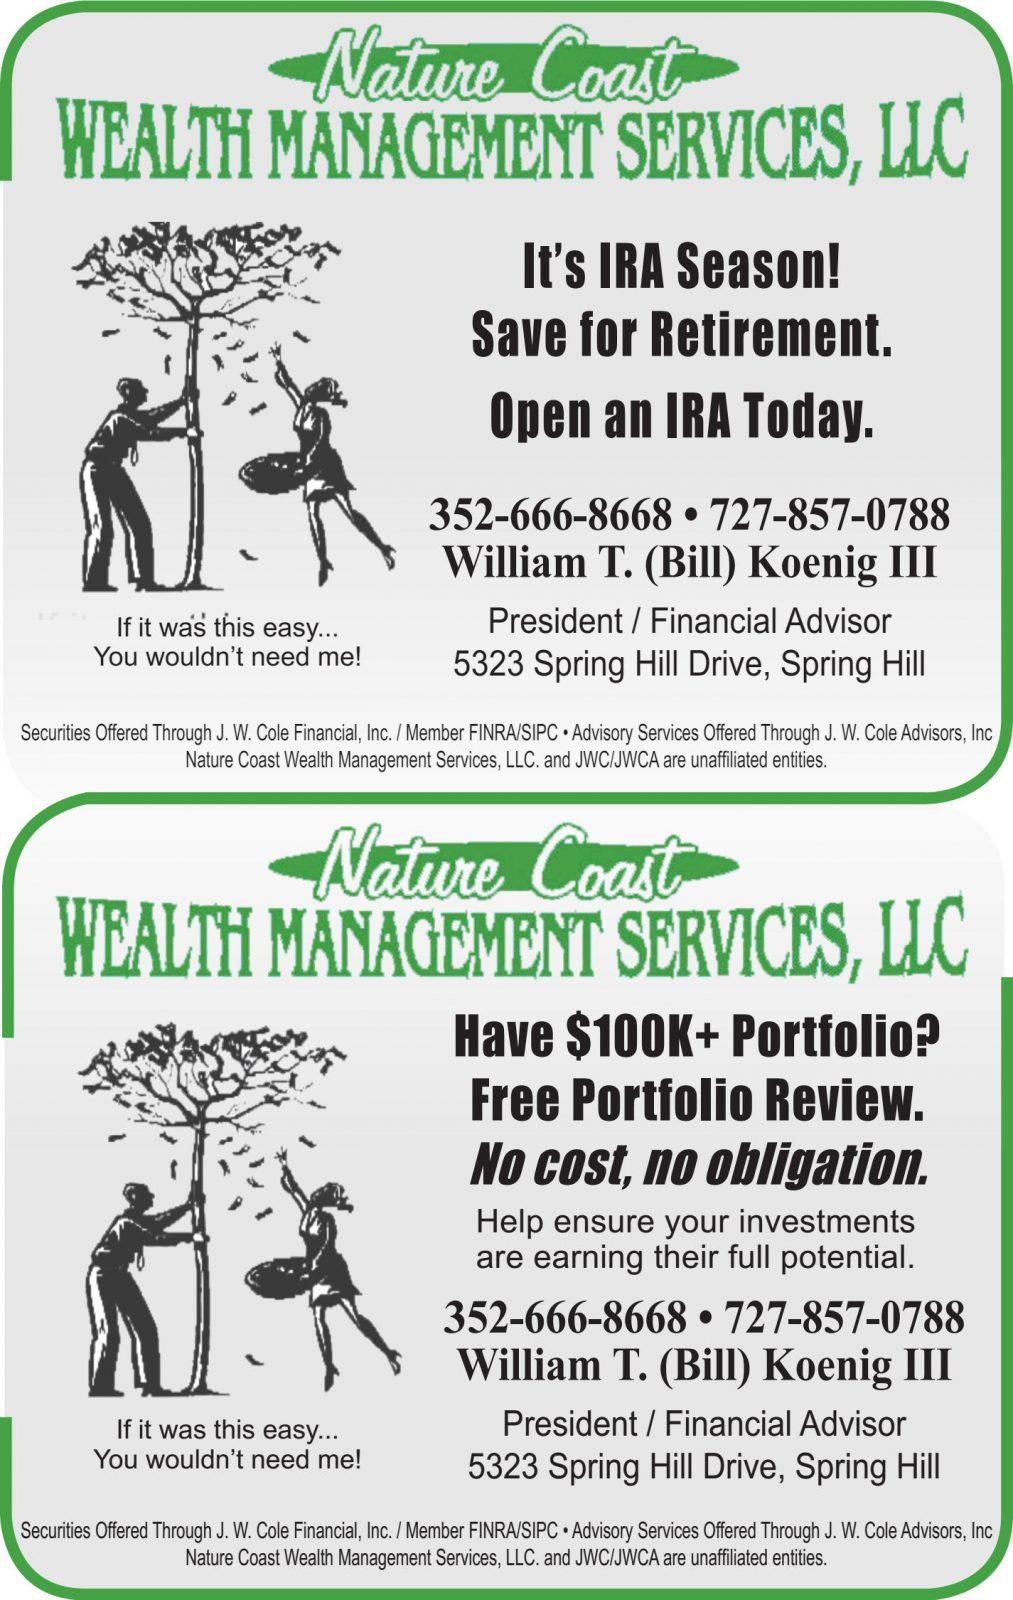 Nature Coast Wealth Management Services